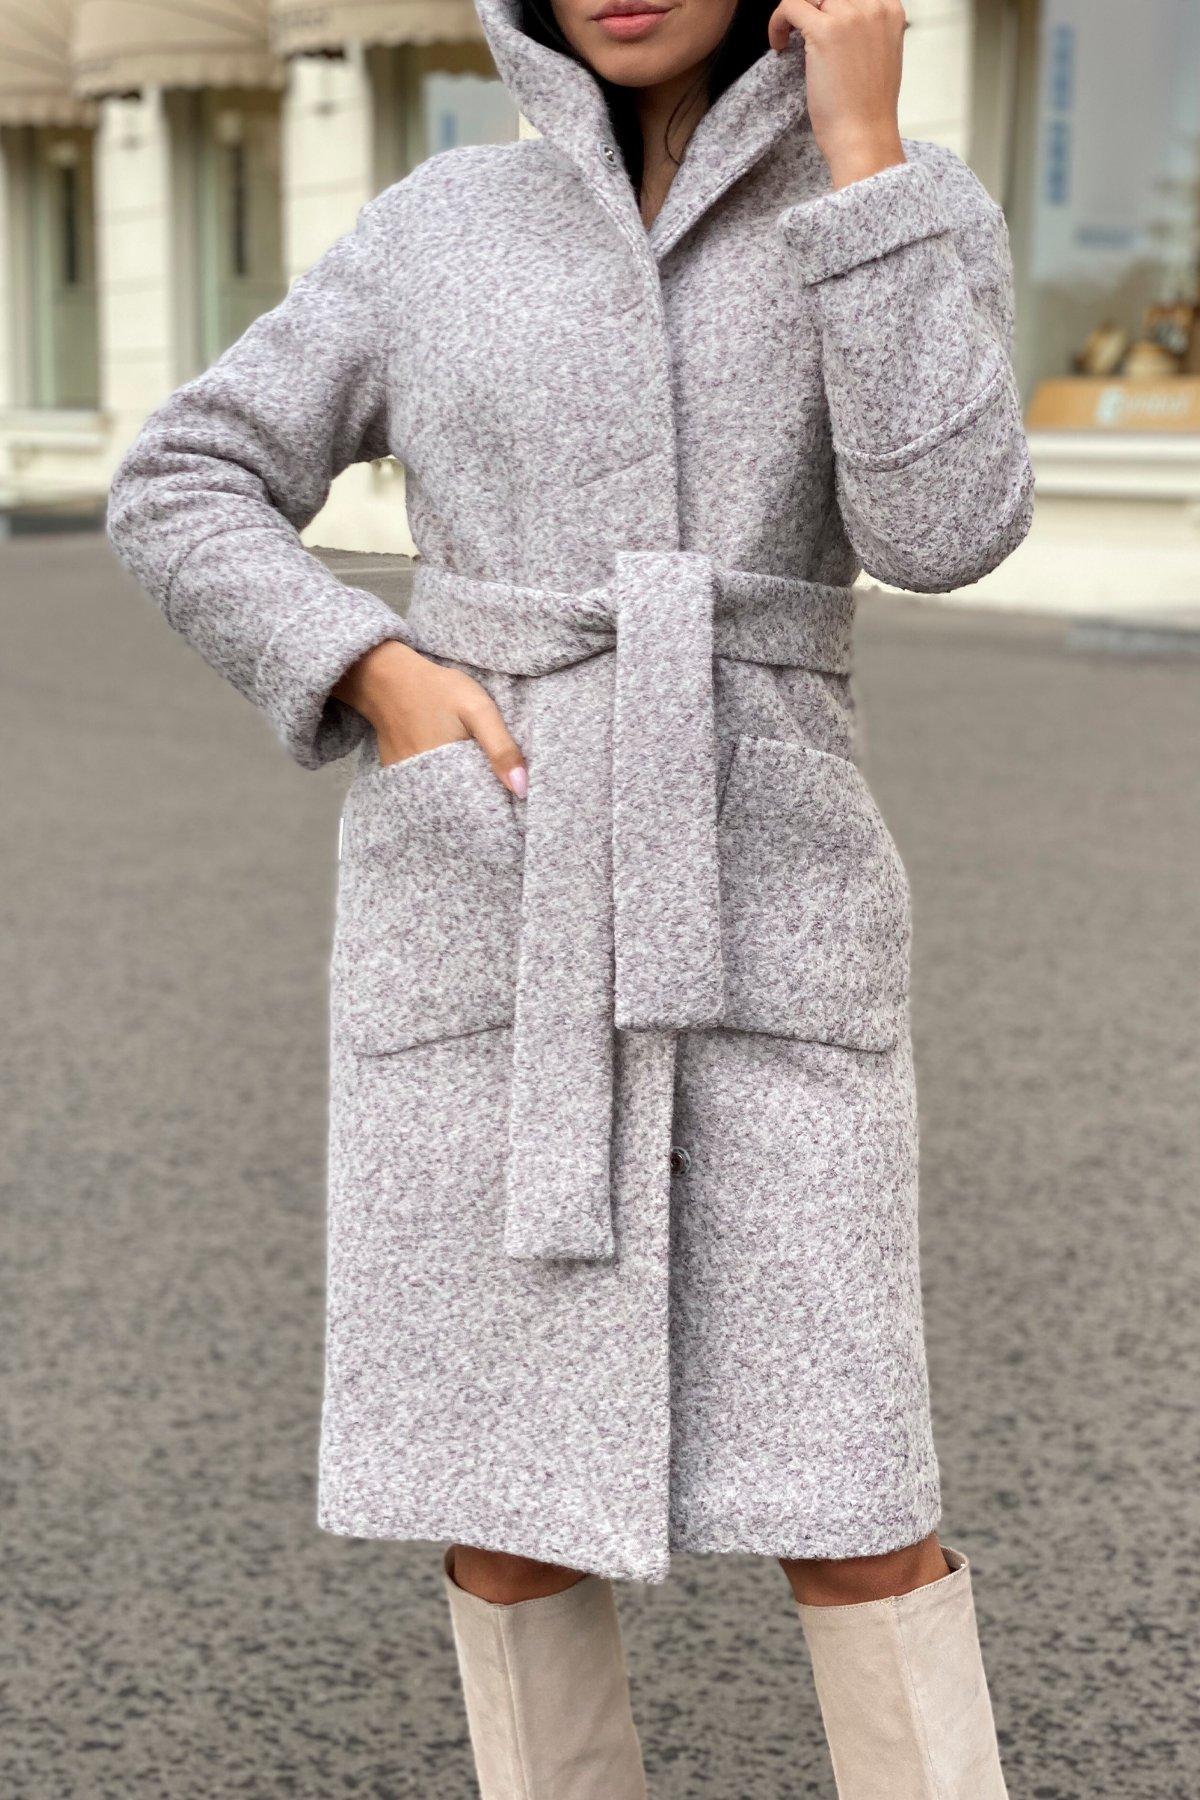 Пальто зима шерсть букле Анита 8320 АРТ. 44439 Цвет: Серый/бежевый 24 - фото 6, интернет магазин tm-modus.ru